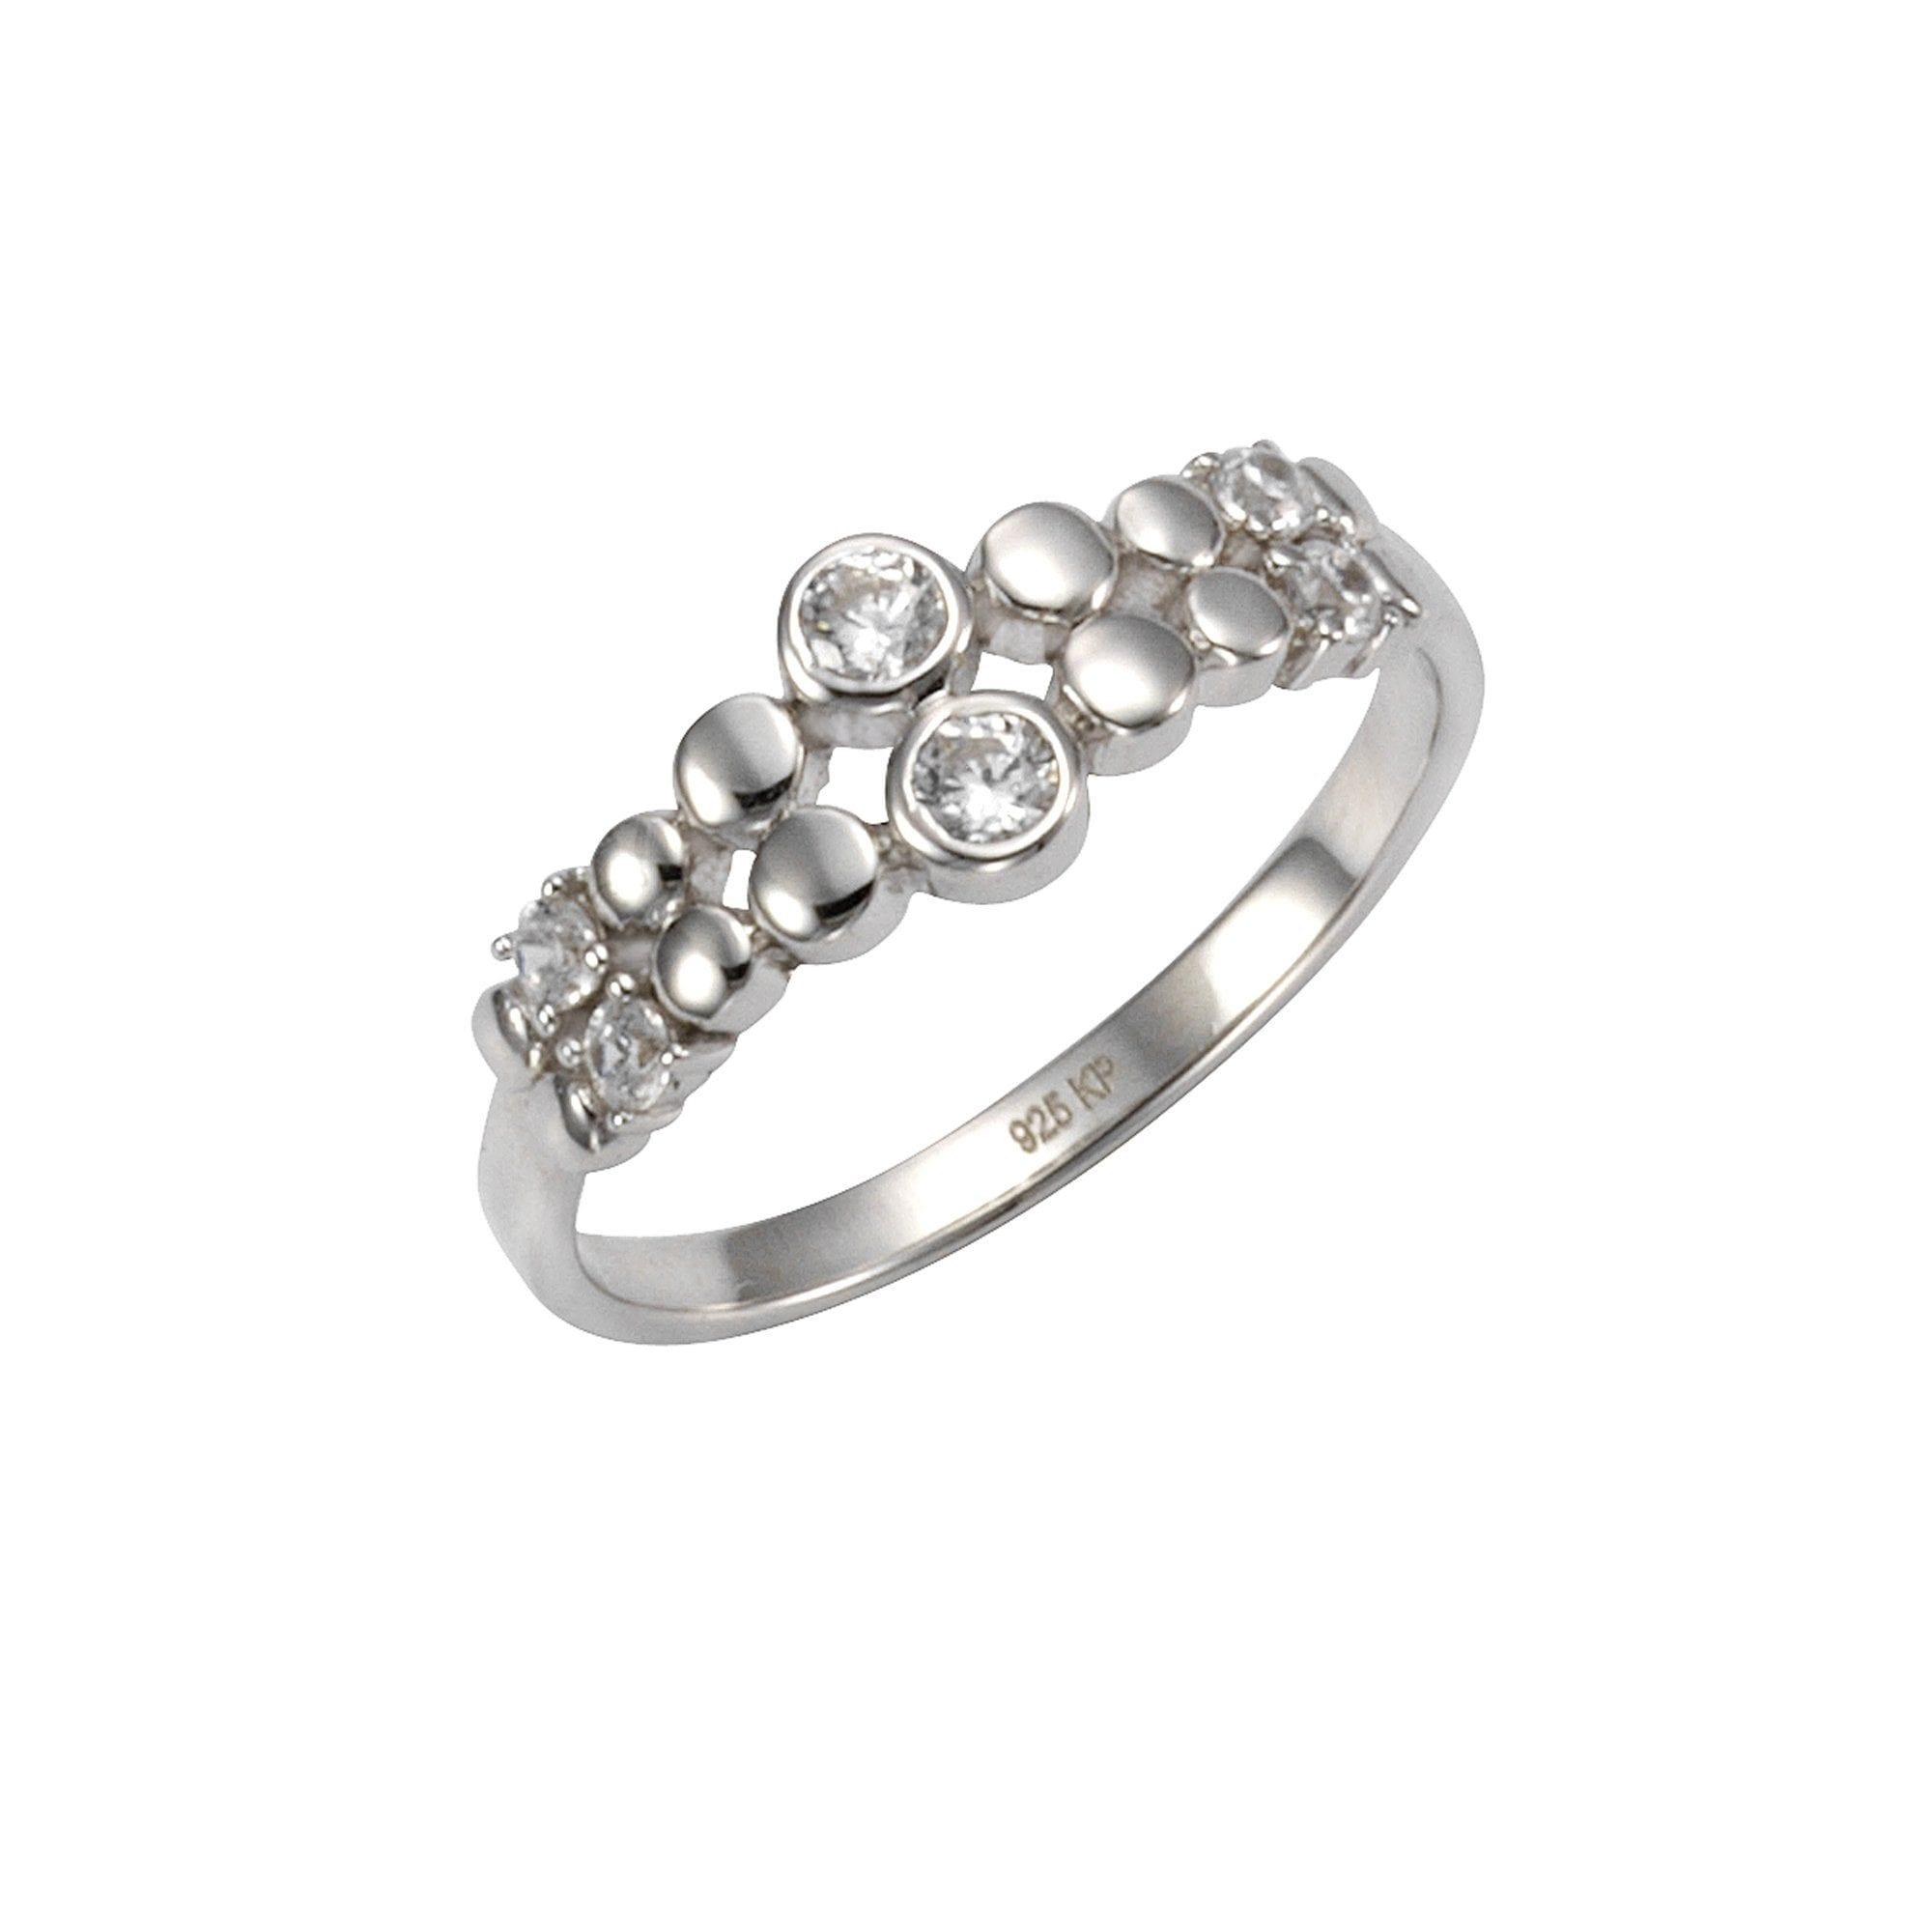 CELESTA Ring 925/- Sterling Silber Zirkonia | Schmuck > Ringe > Silberringe | Celesta